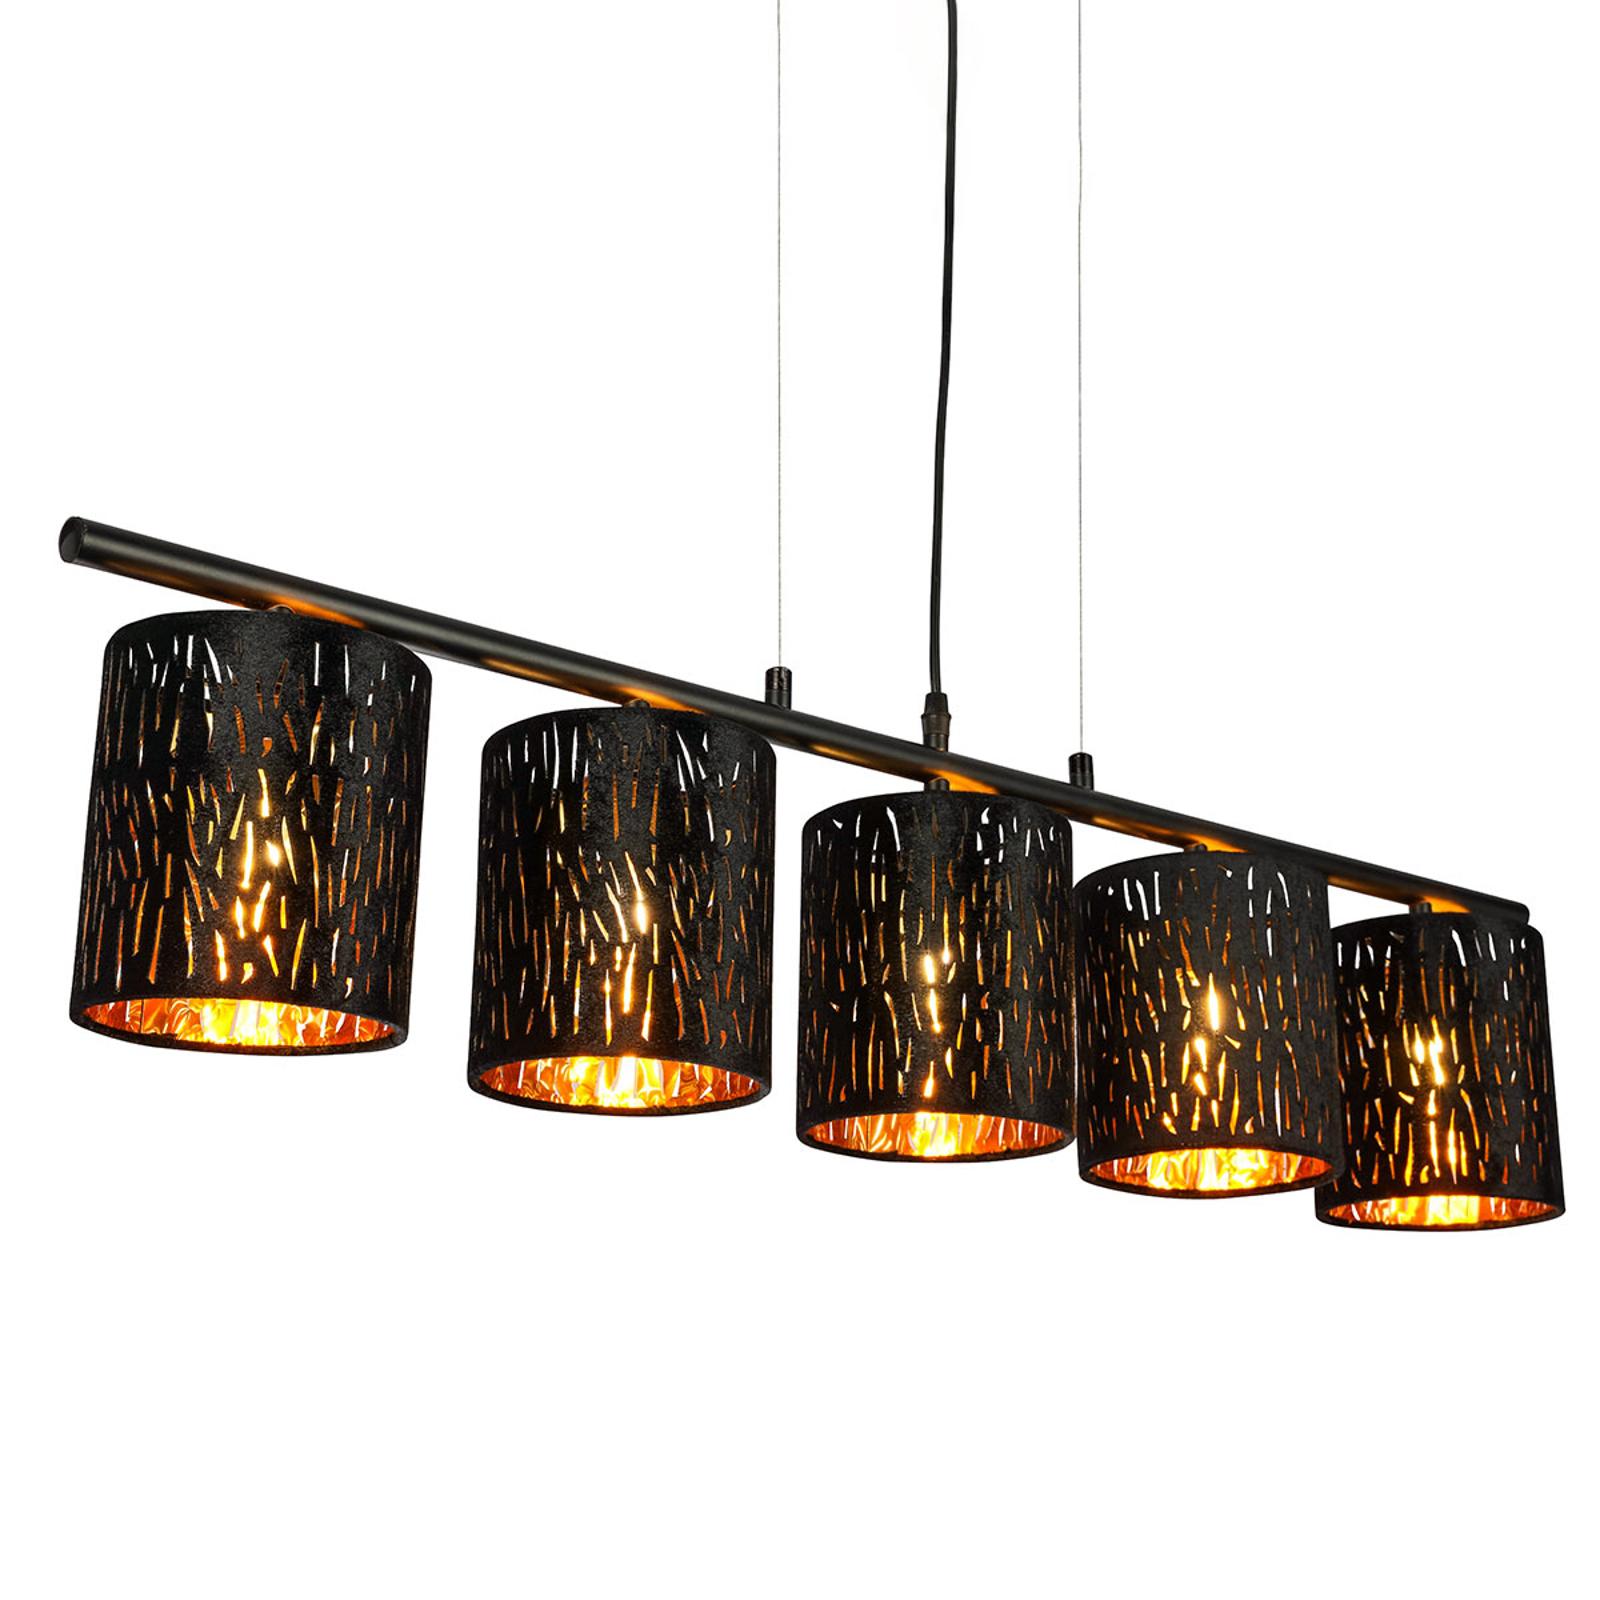 Lampa wisząca Tuxon z czarno-złotymi kloszami